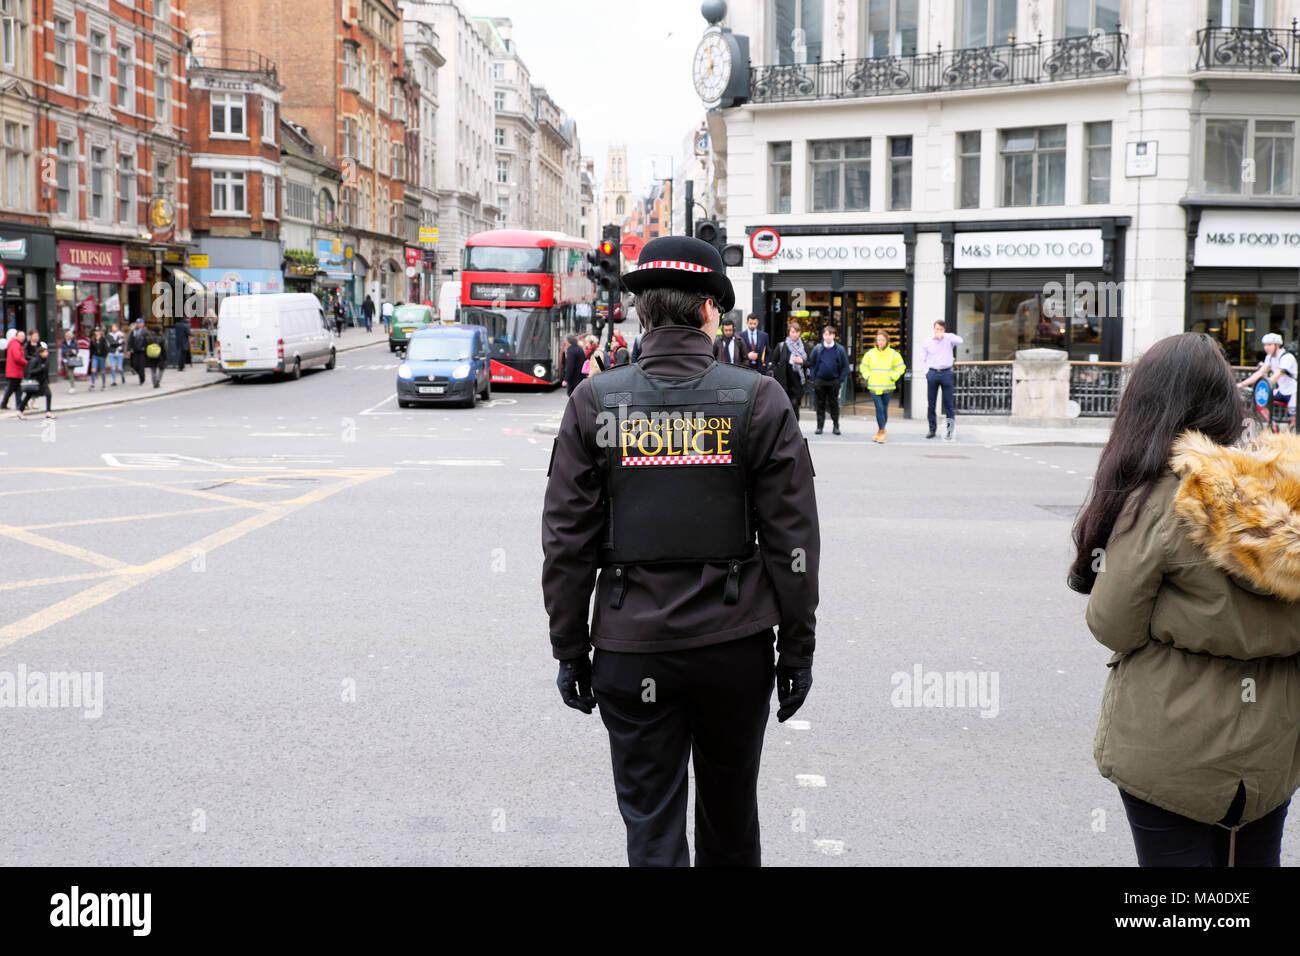 Vue arrière de la police féminine Ville de London Police en uniforme dans la rue dans le centre de Londres Angleterre Royaume-uni Grande-bretagne KATHY DEWITT Photo Stock